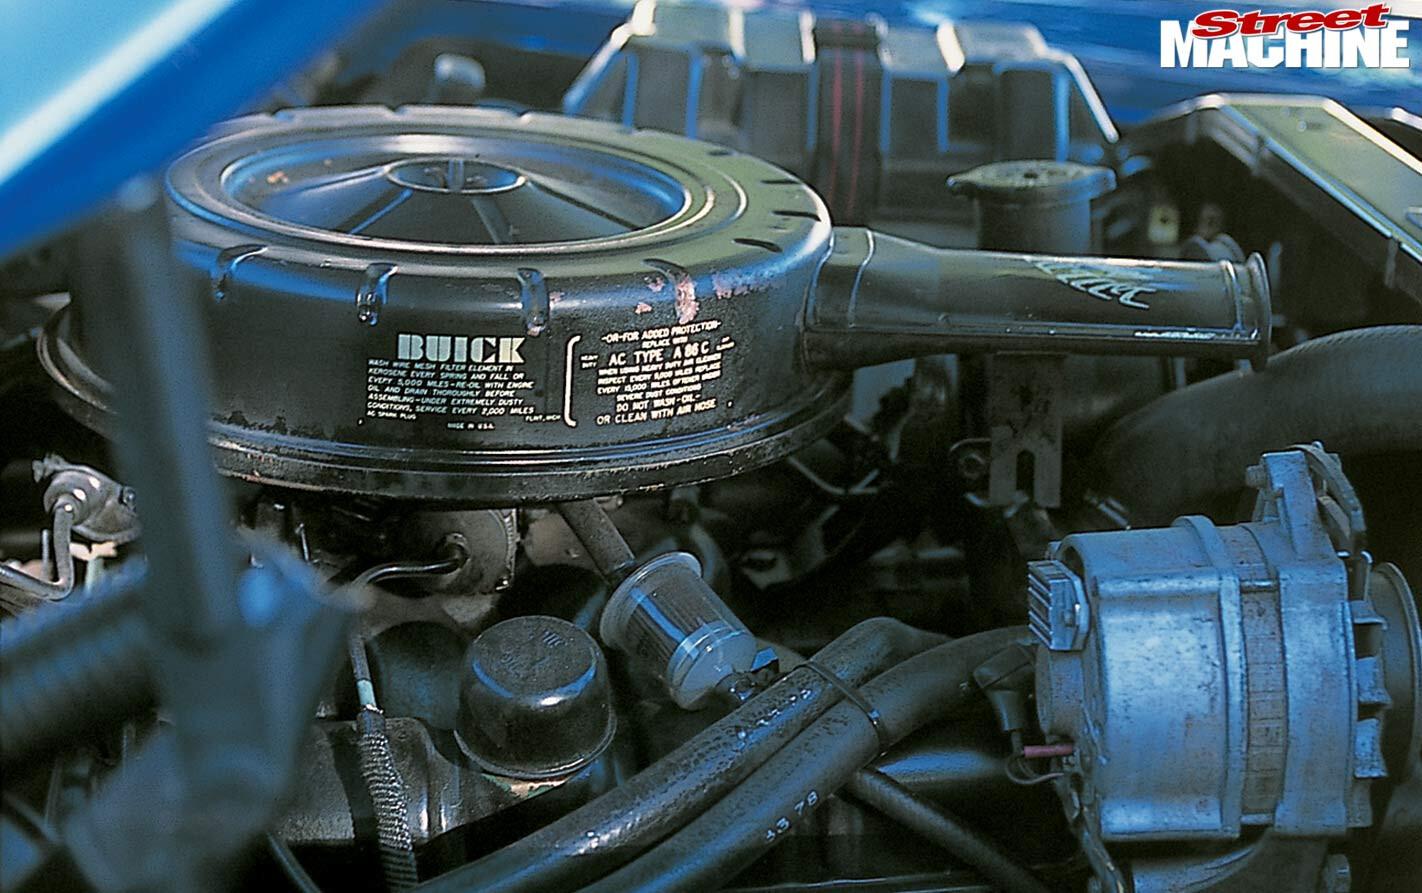 Buick Le Sabre engine bay